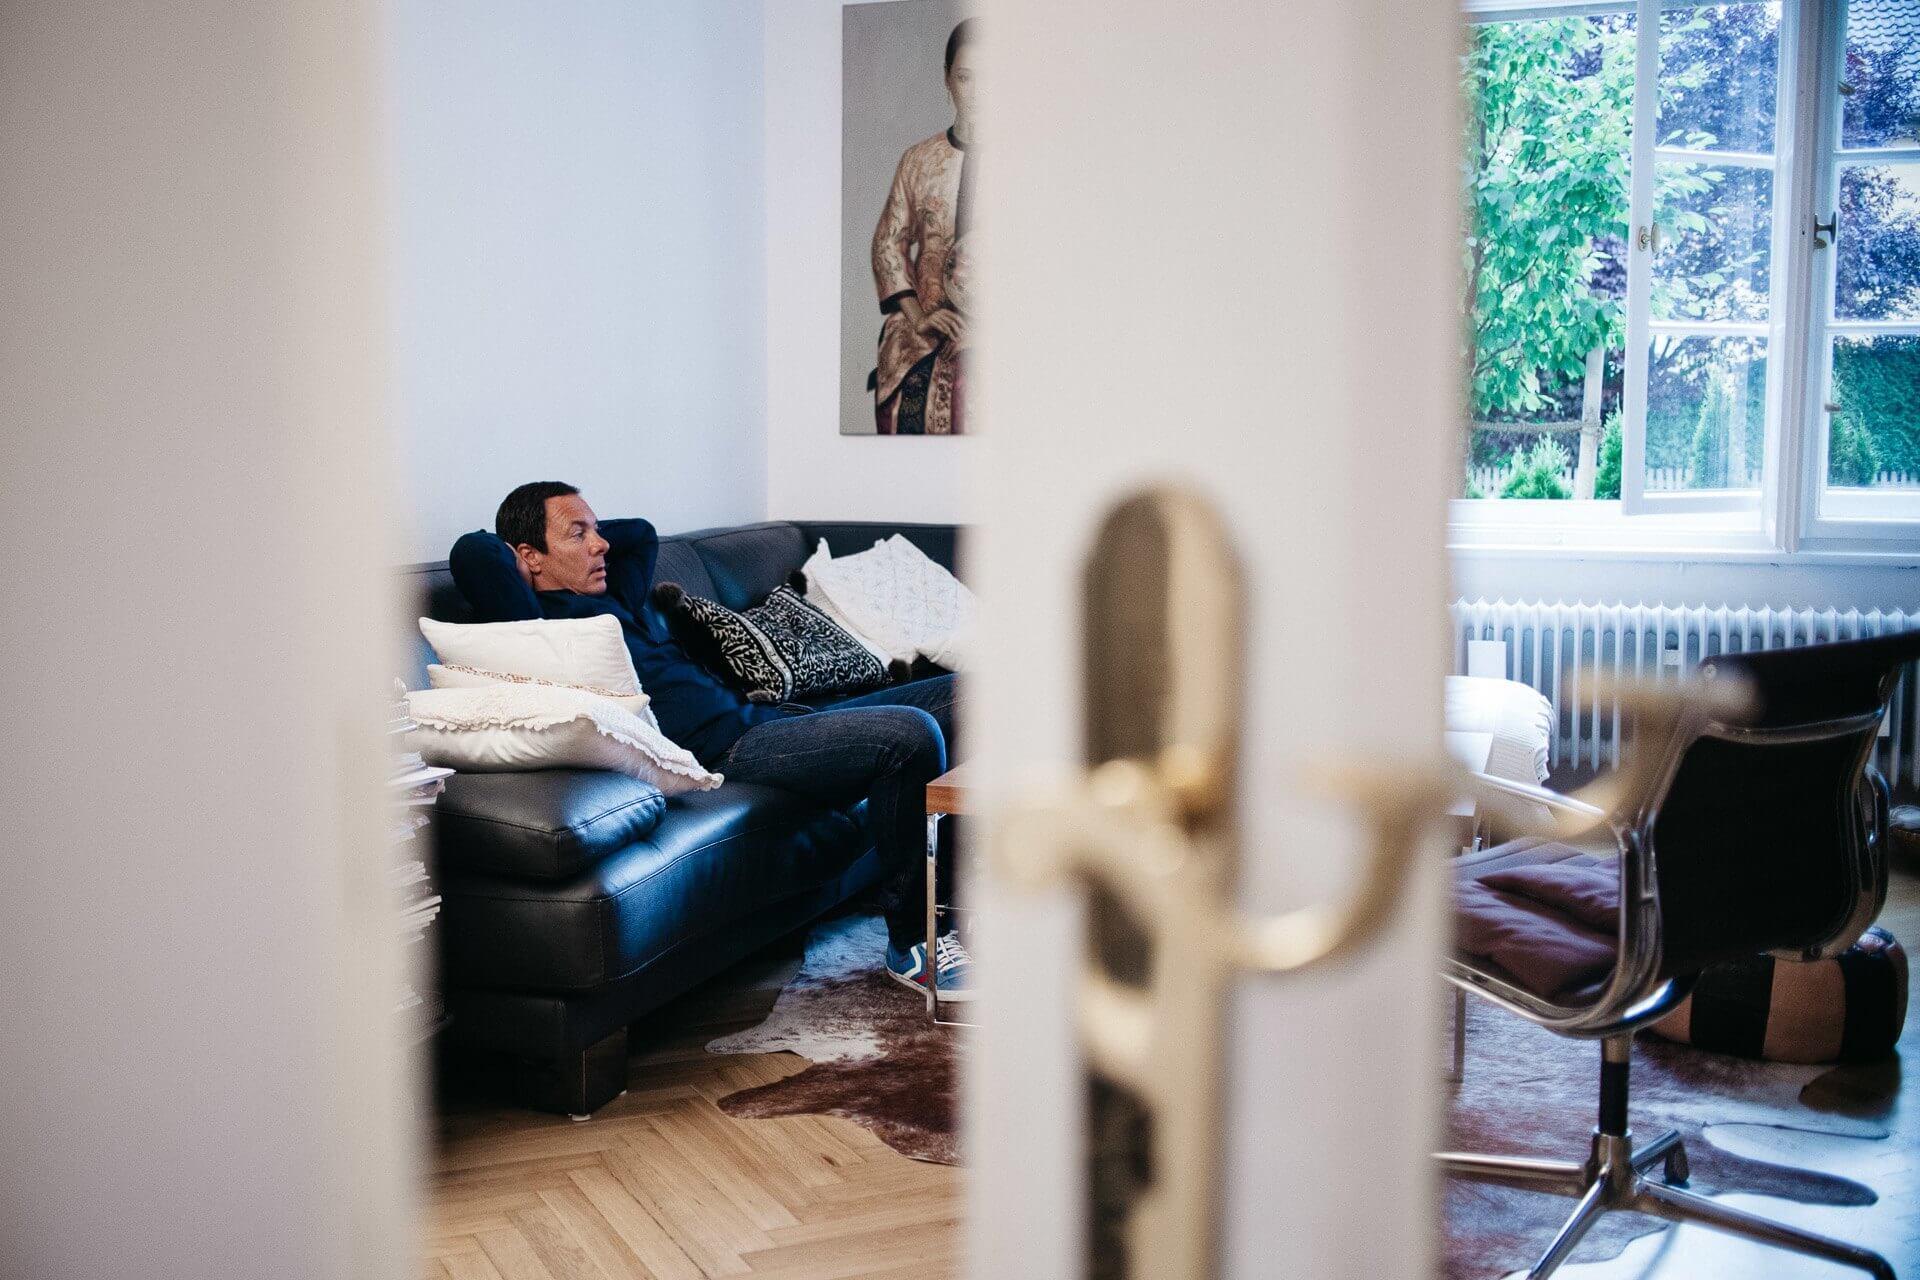 Monsieur-Mueller-fotografiert-Portrait-Homesession-DJ-Anusch-Hochzeitsfotografie-Hochzeit-9.jpg